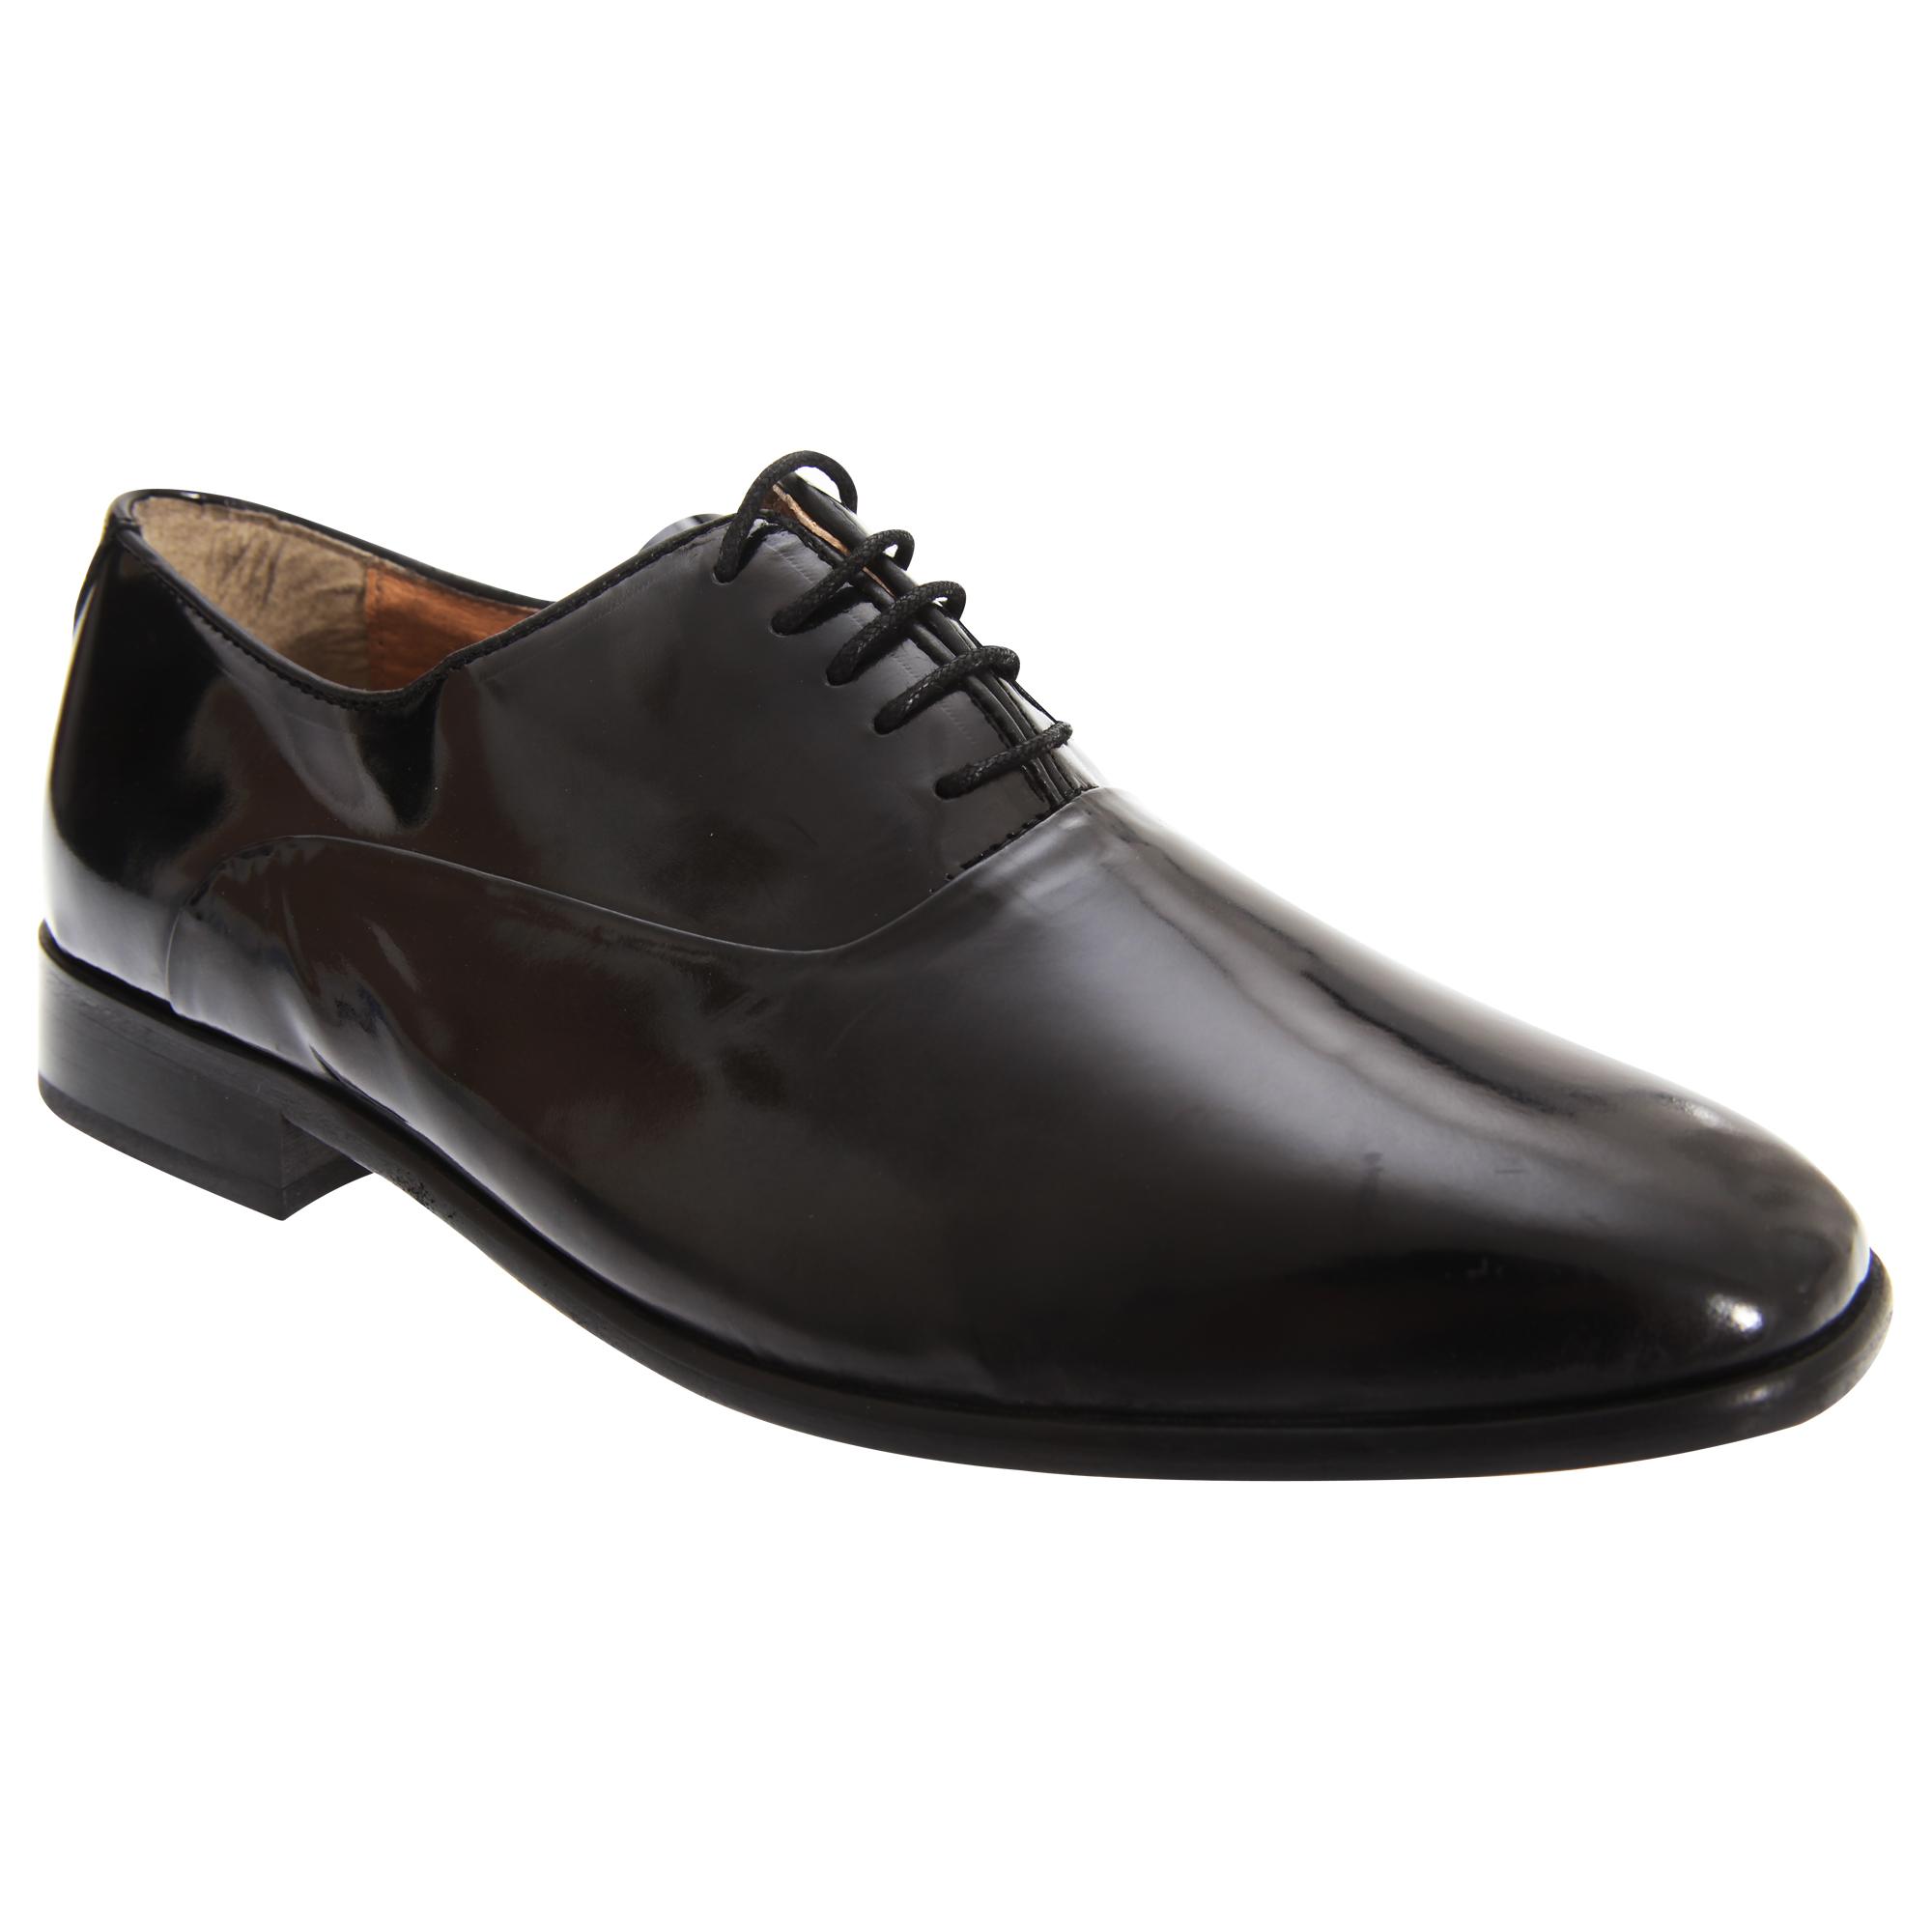 Montecatini - Scarpe Eleganti in Vernice - Calzature Formali Uomo (DF126) Scarpe classiche da uomo